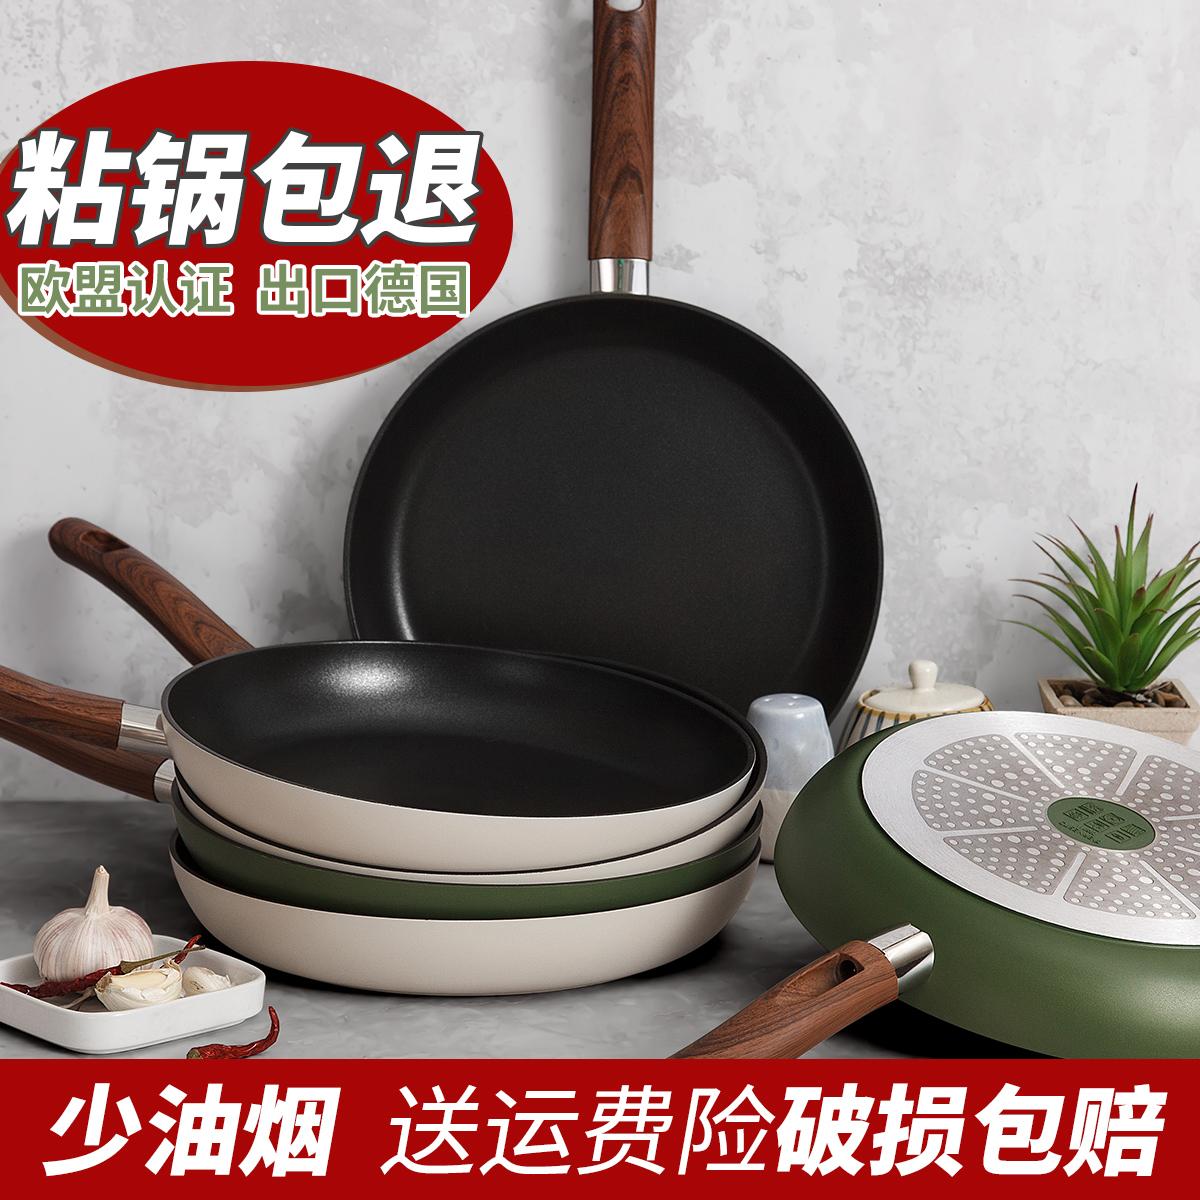 煎锅炒锅平底锅不粘锅千层牛排煎锅煎饼锅煎蛋锅燃气灶电磁炉通用